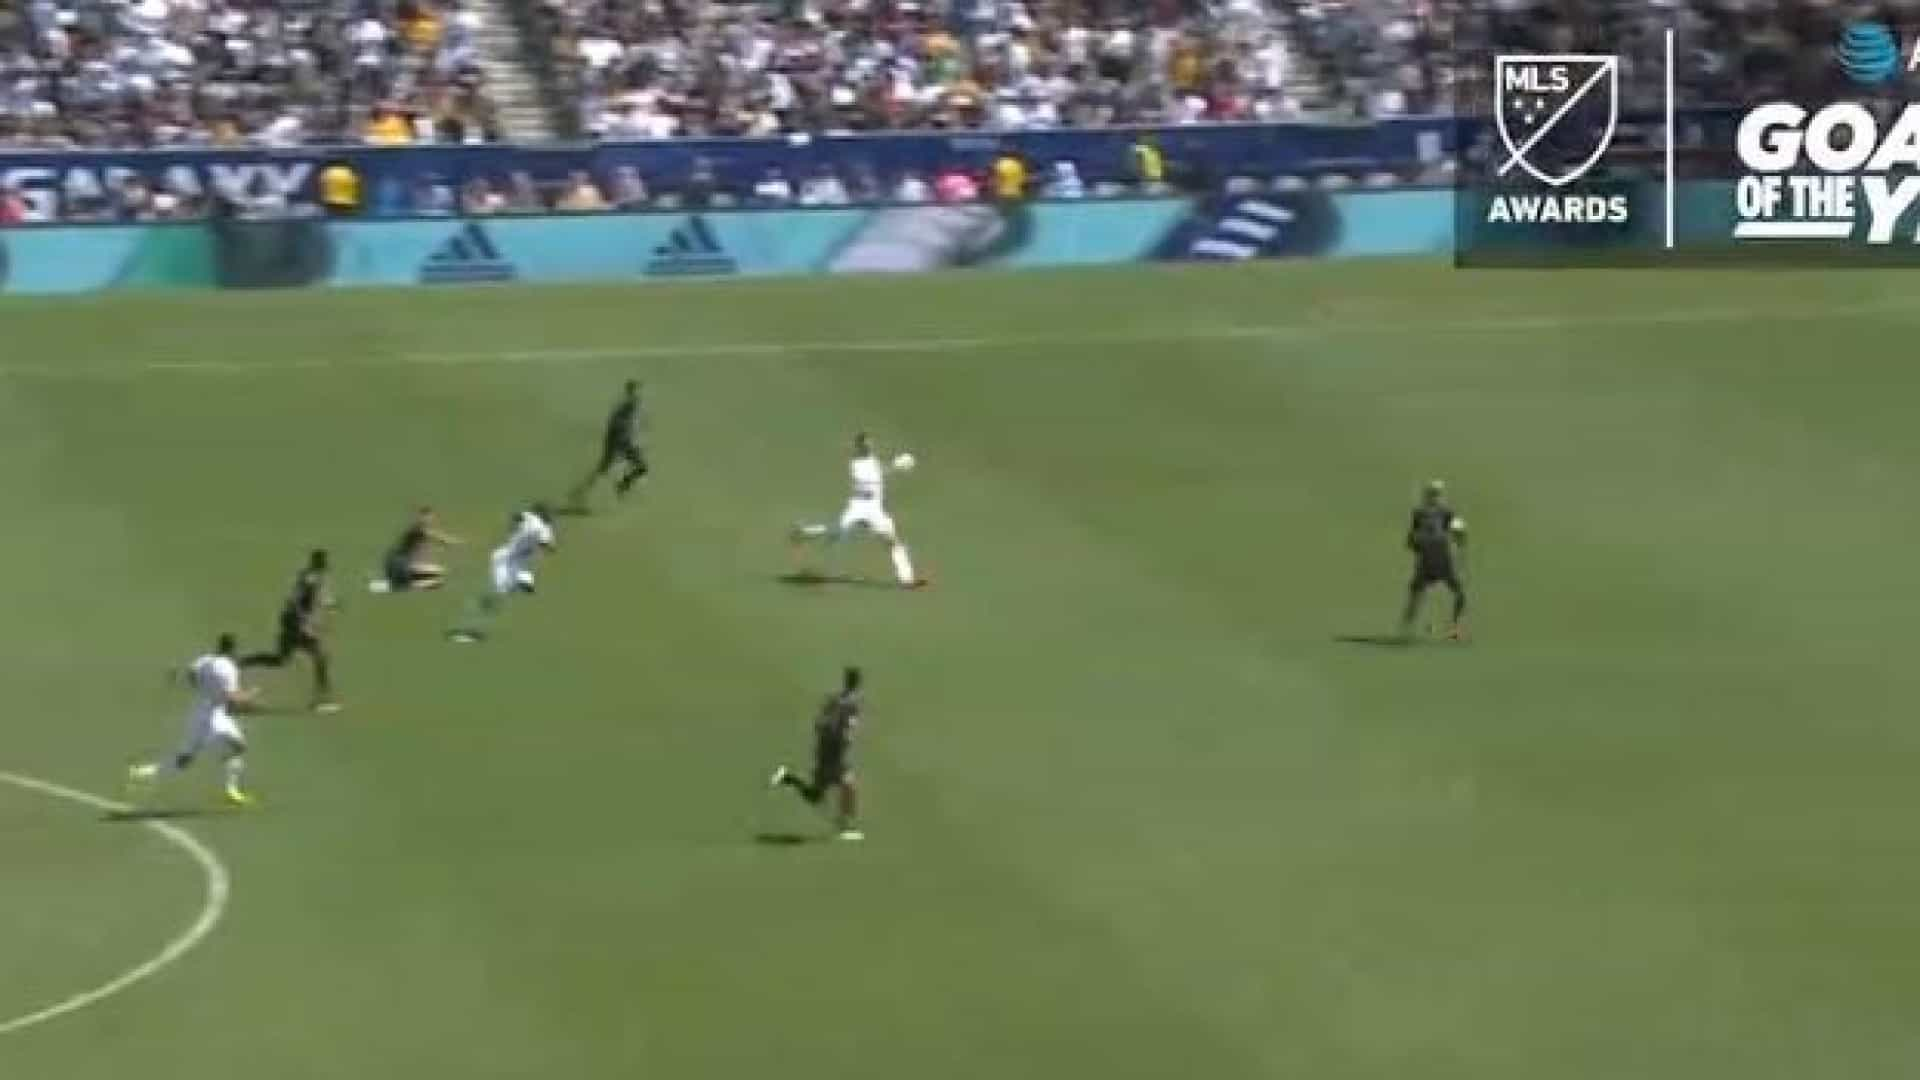 MLS: Prémio para Golo do Ano foi para esta 'bomba' de Ibrahimovic